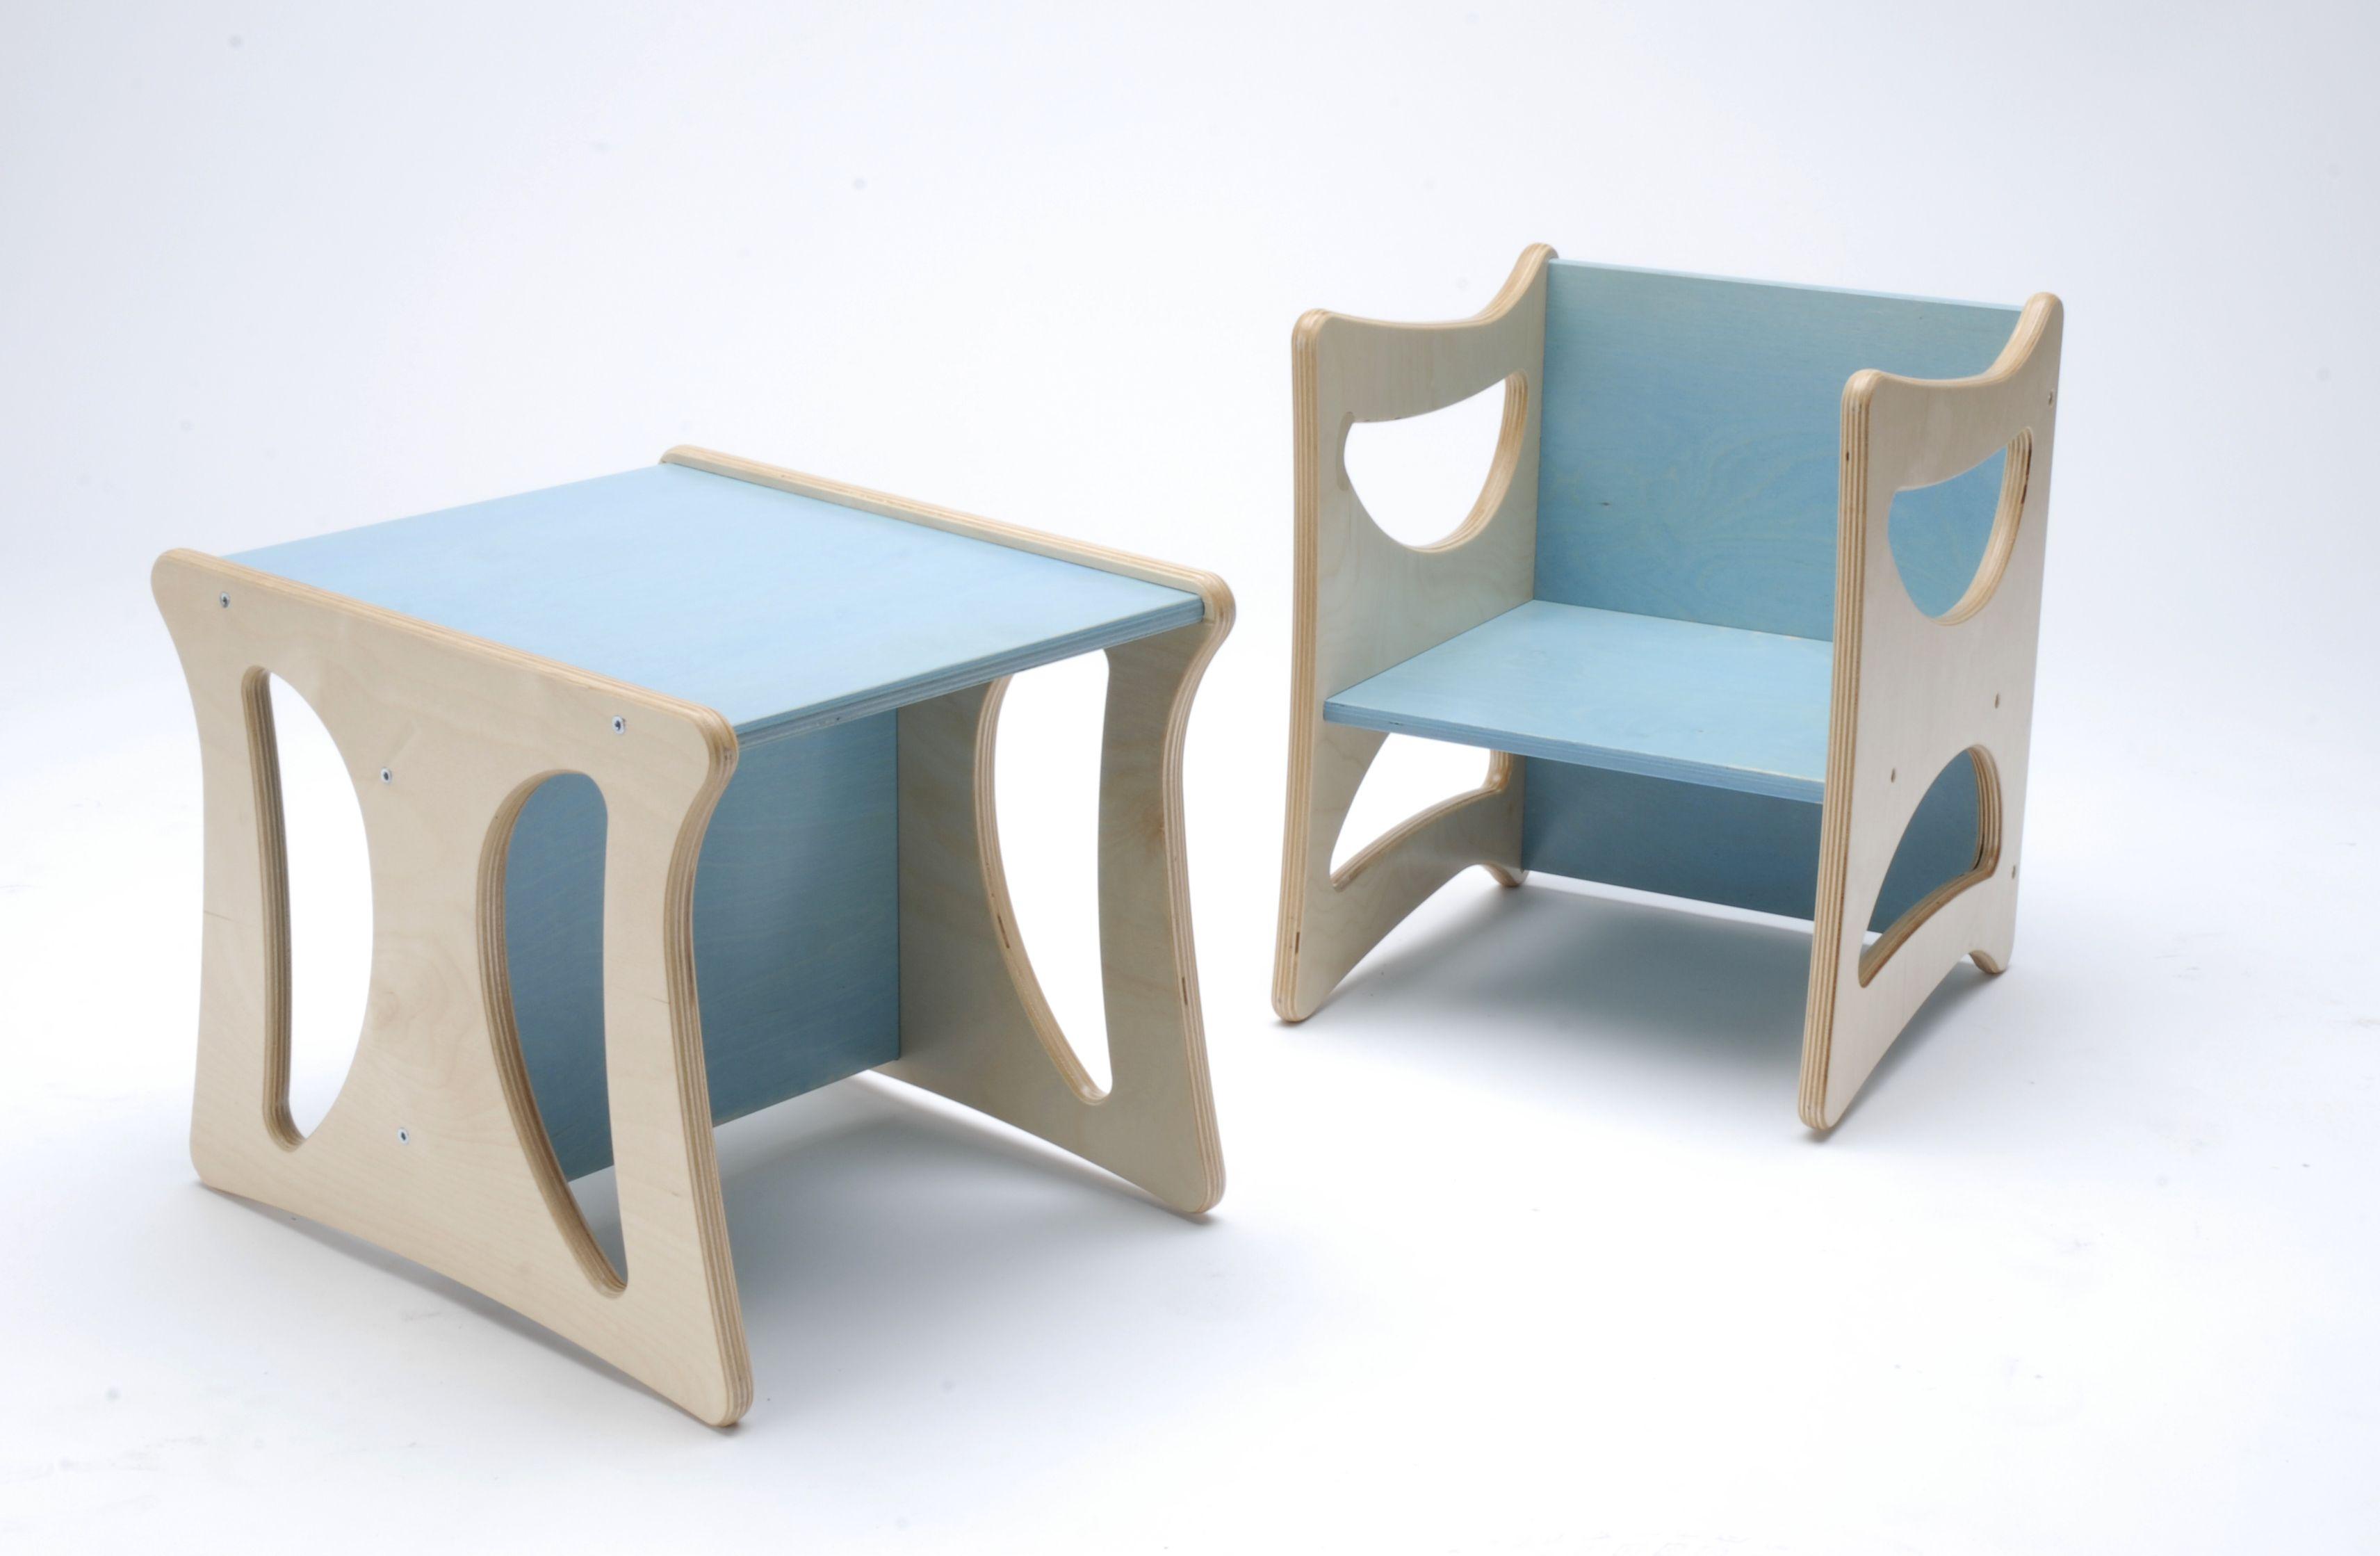 Sedia in legno per bambini reversibile e multiuso ...